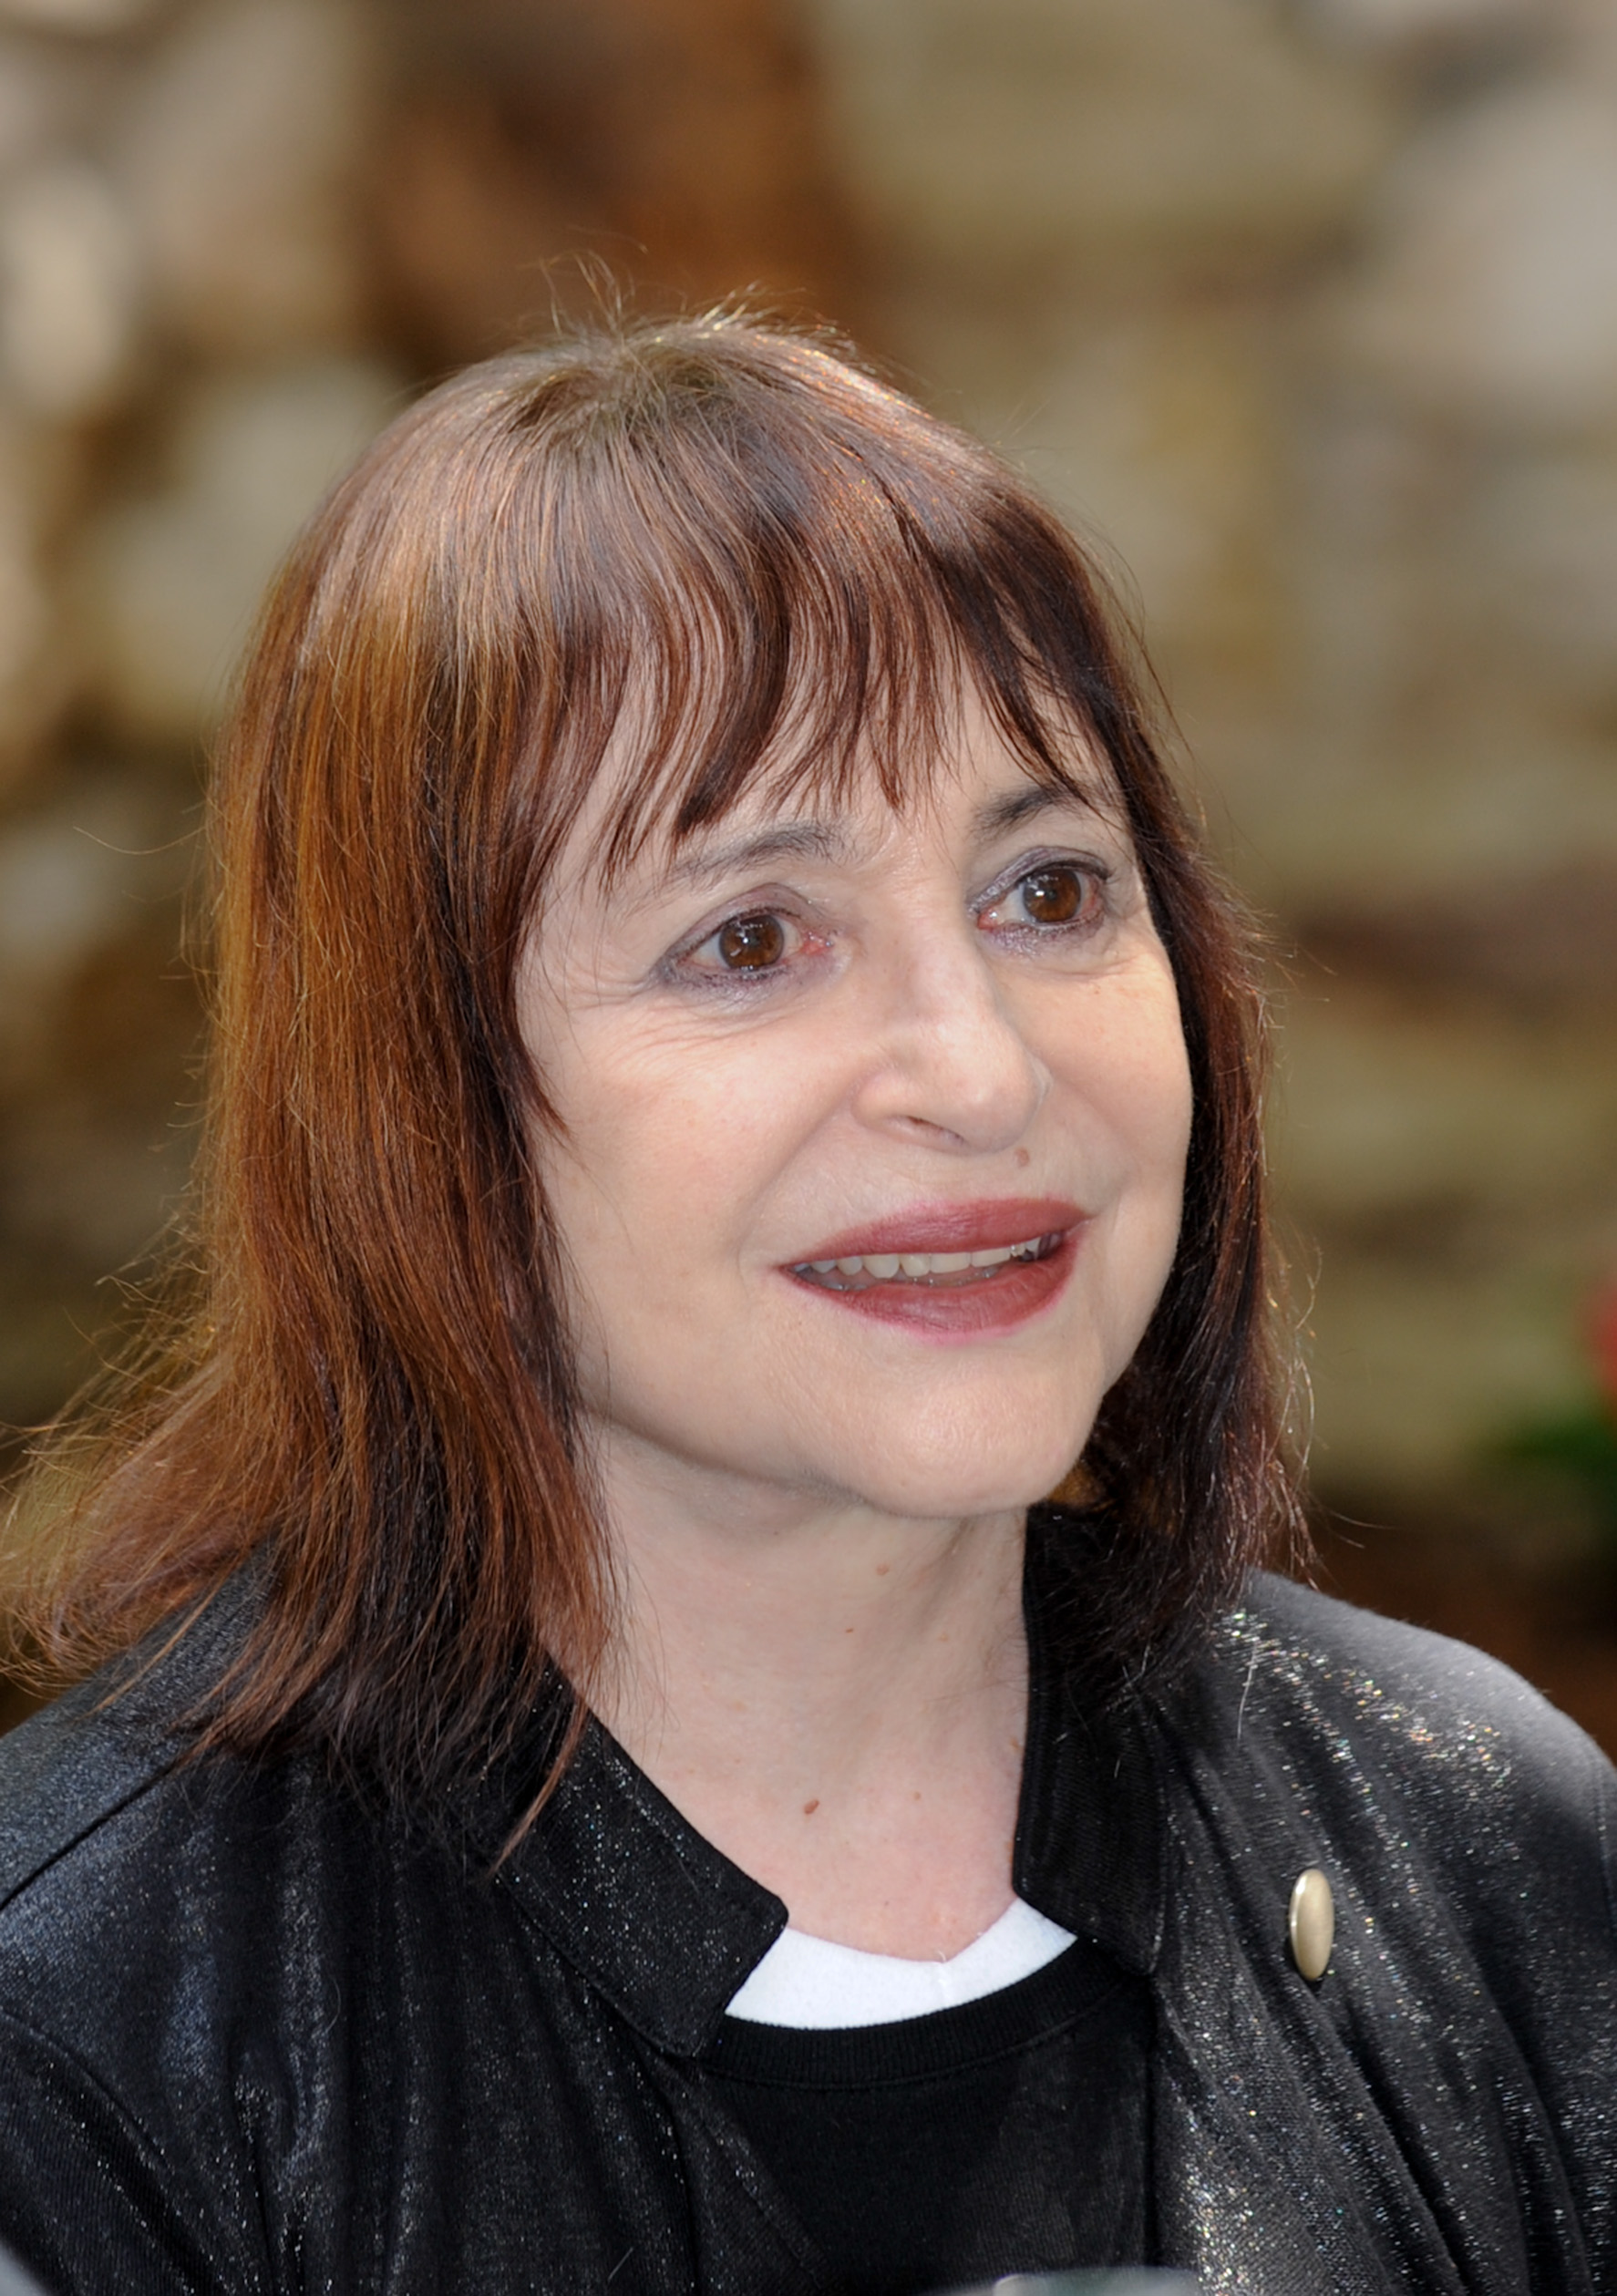 Adriana Asti (born 1933)